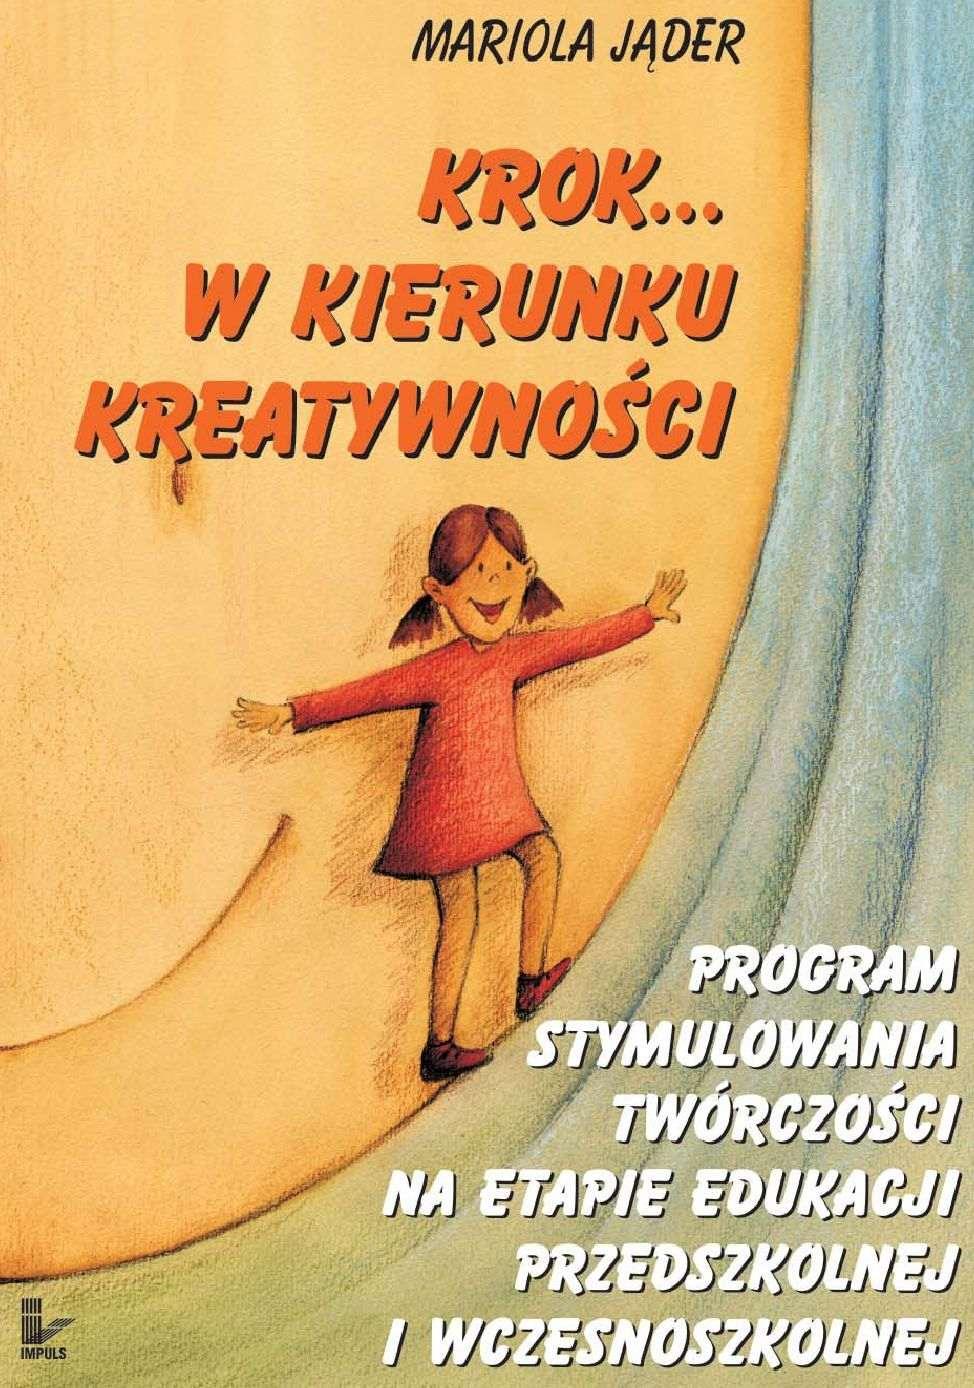 Krok w kierunku kreatywności. Program stymulowania twórczości na etapie edukacji przedszkolnej i wczesnoszkolnej - Ebook (Książka na Kindle) do pobrania w formacie MOBI